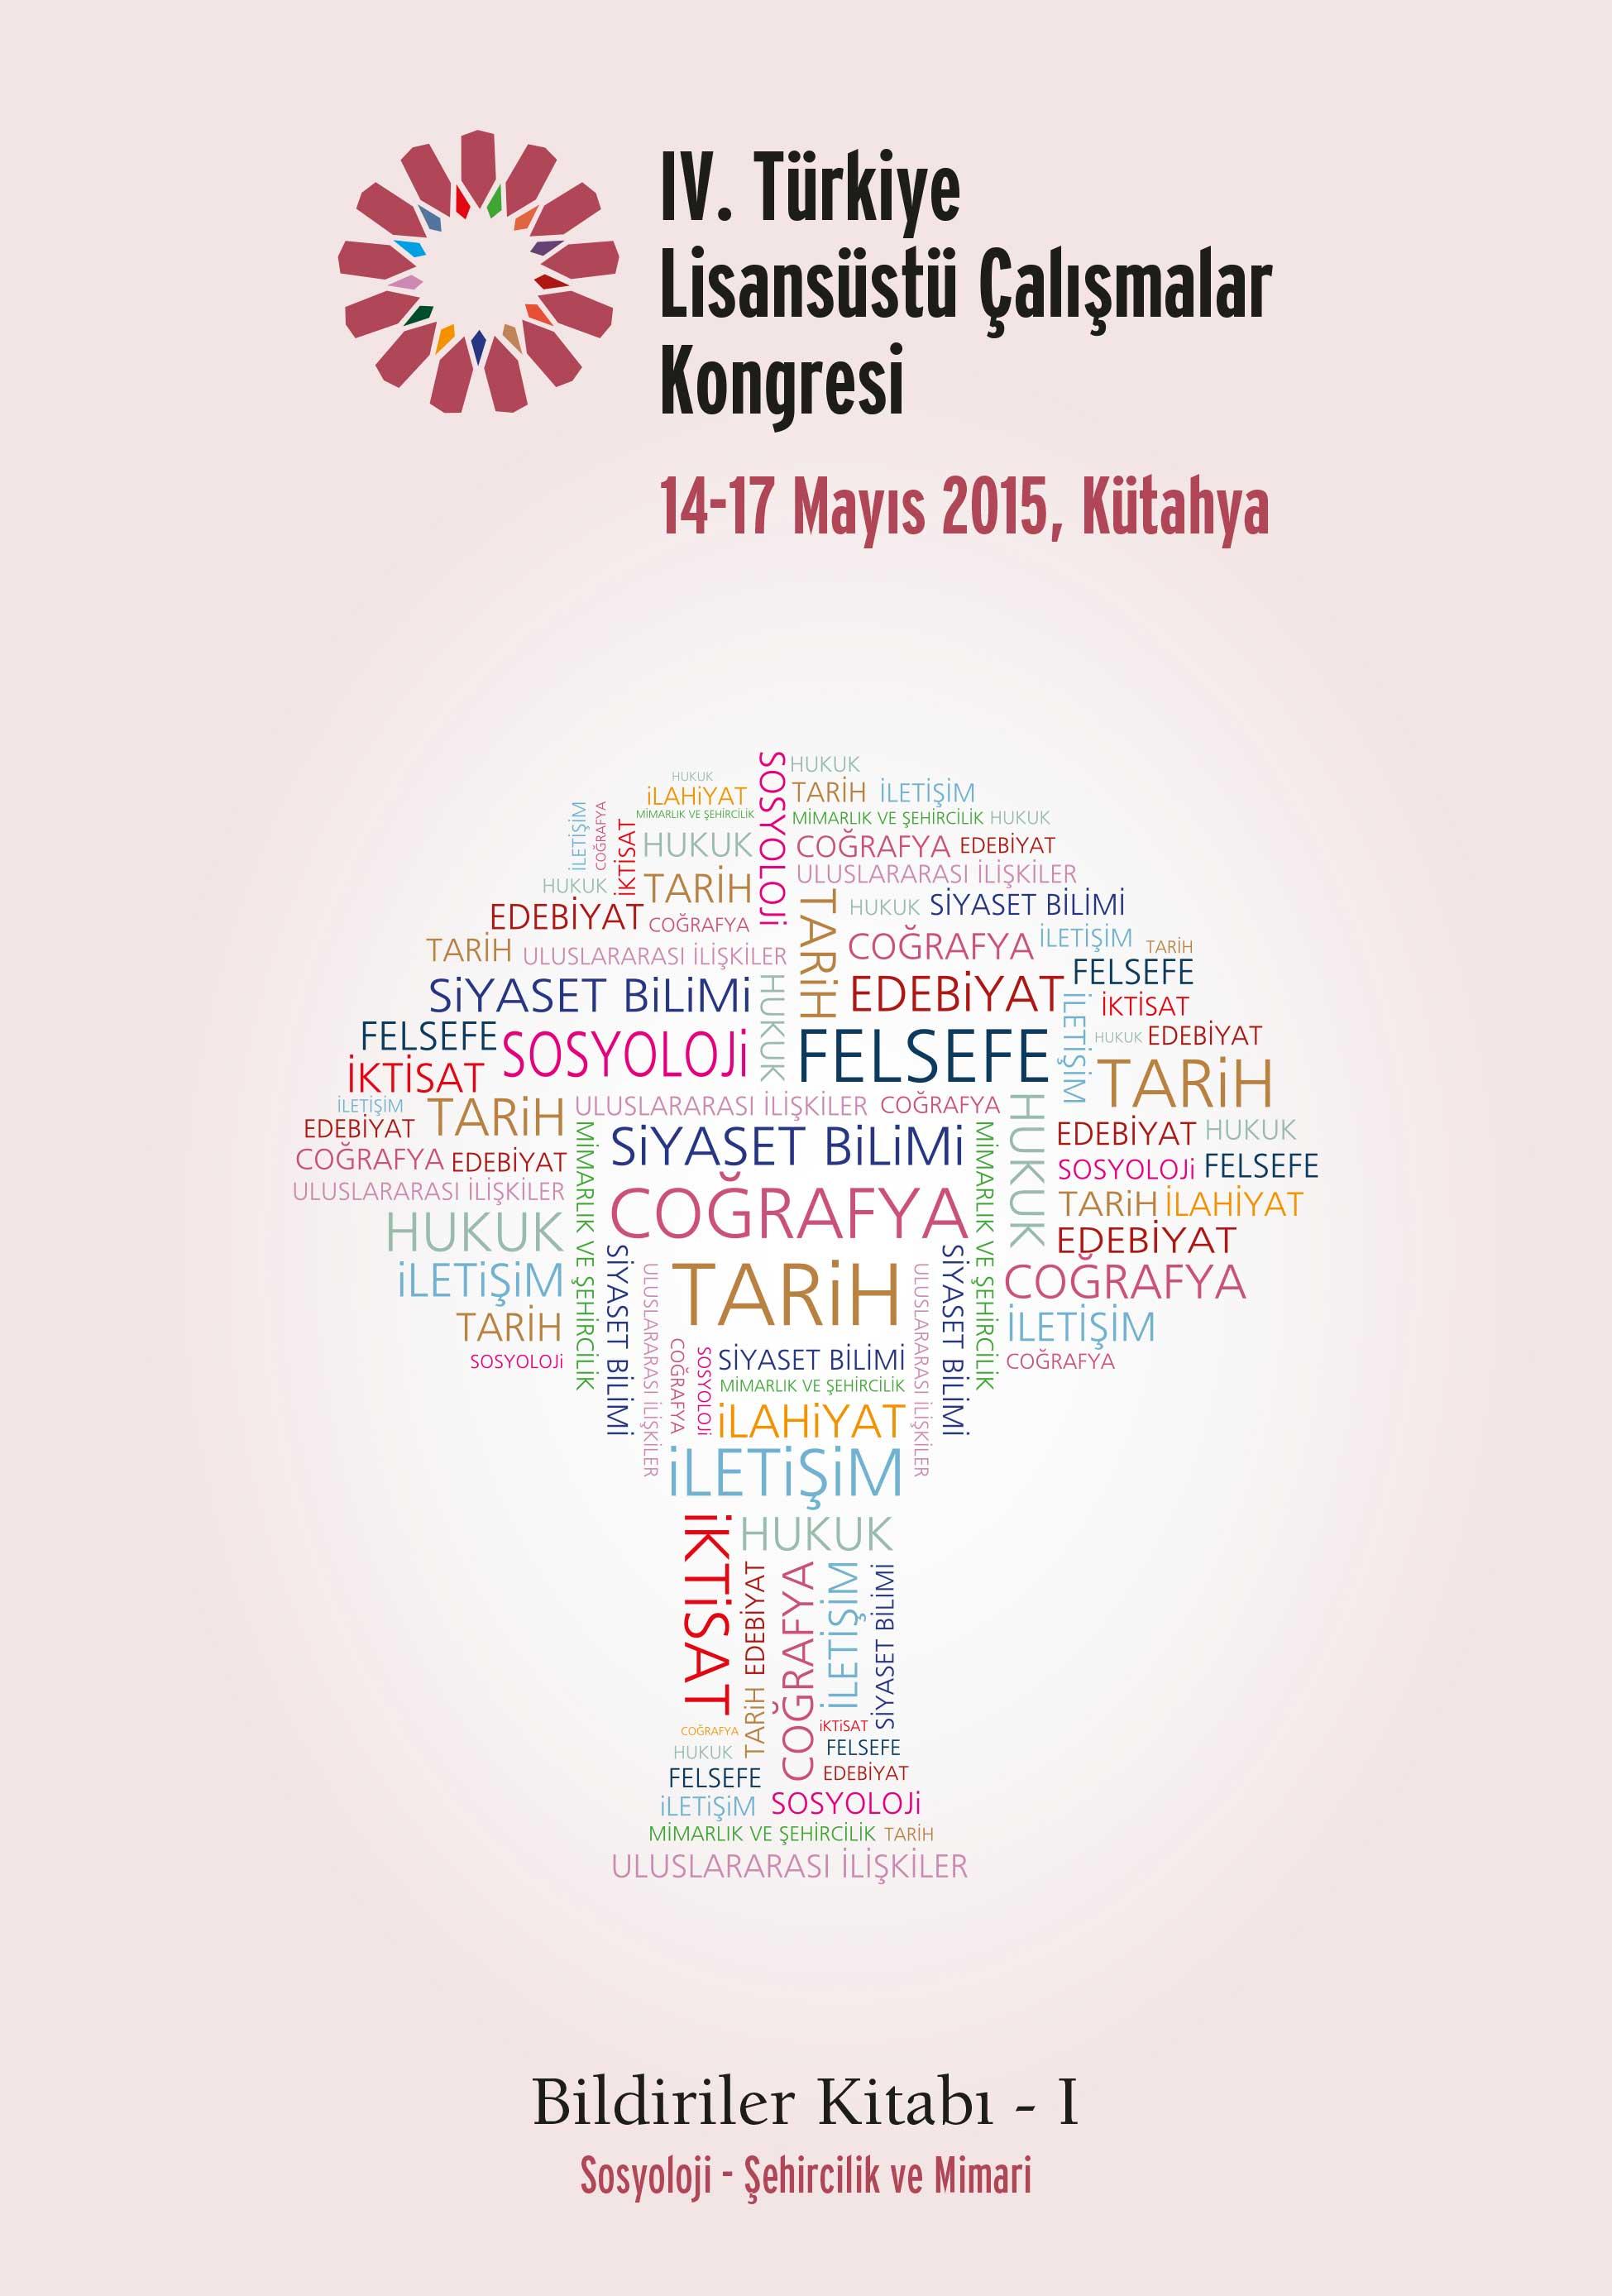 4. Türkiye Lisansüstü Çalışmalar Kongresi Bildiriler Kitabı